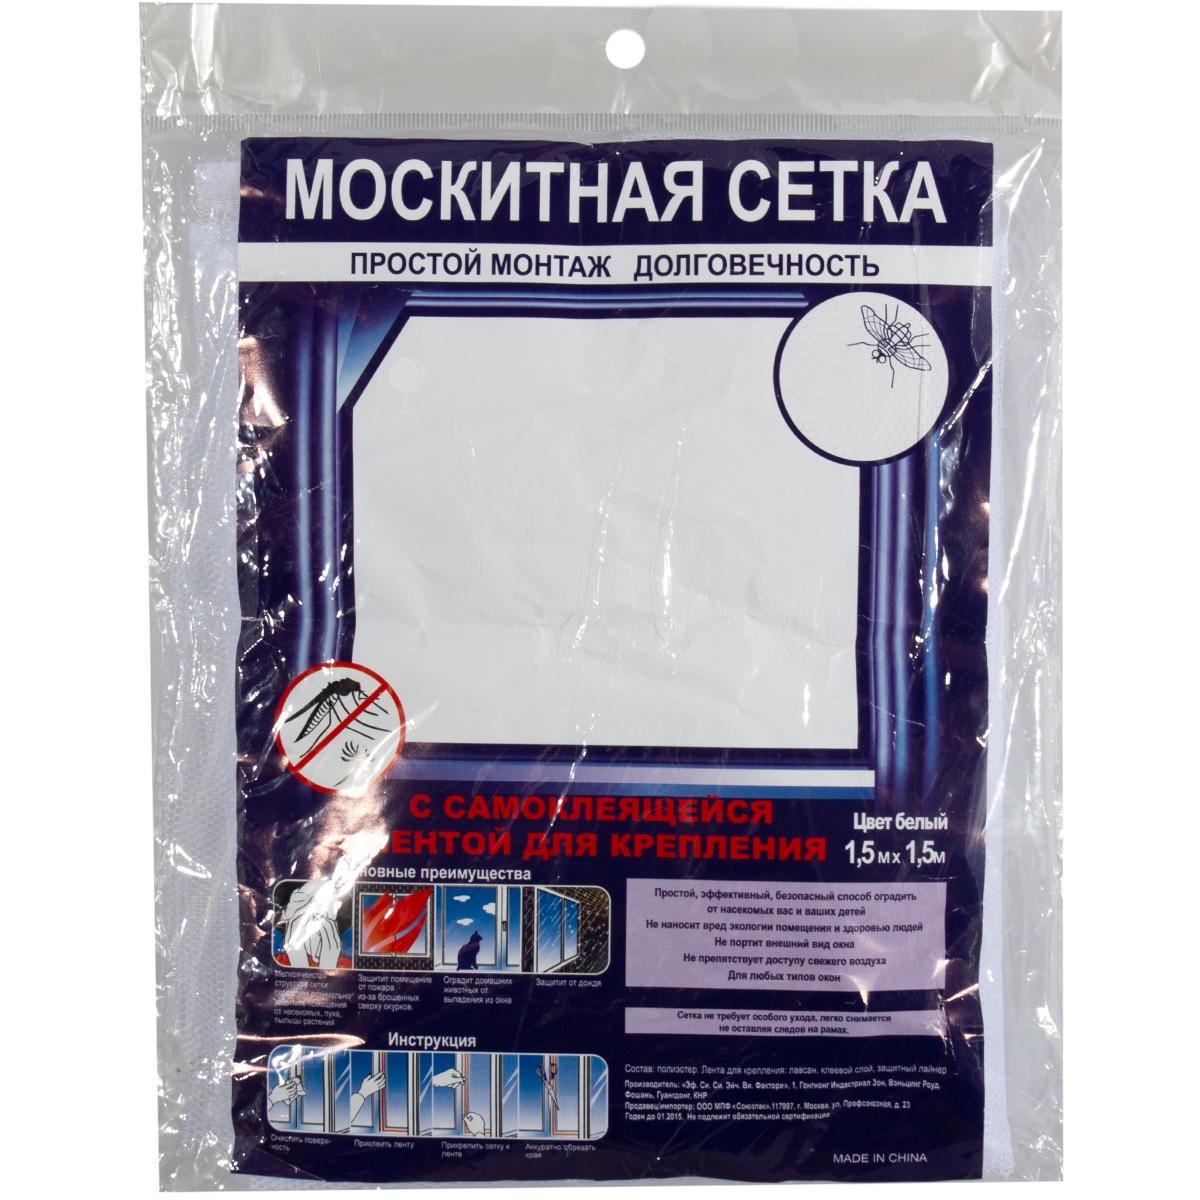 Сетка антимоскитная 198856, белый сетка для защиты от насекомых 0 75х2п м в упаковке